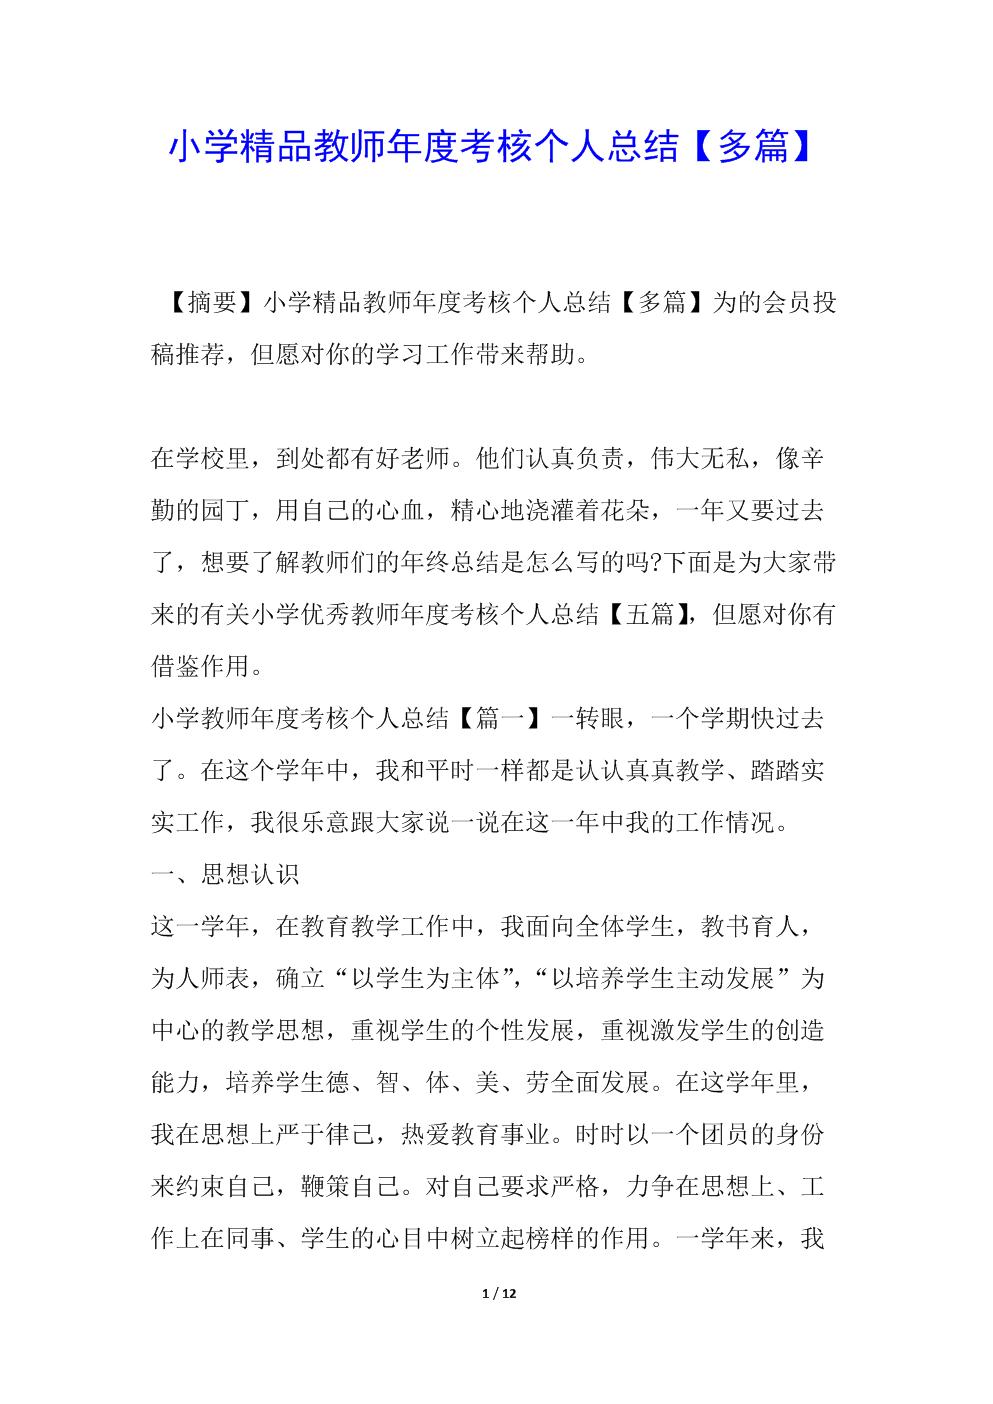 小学精品教师年度考核个人总结【多篇】.docx